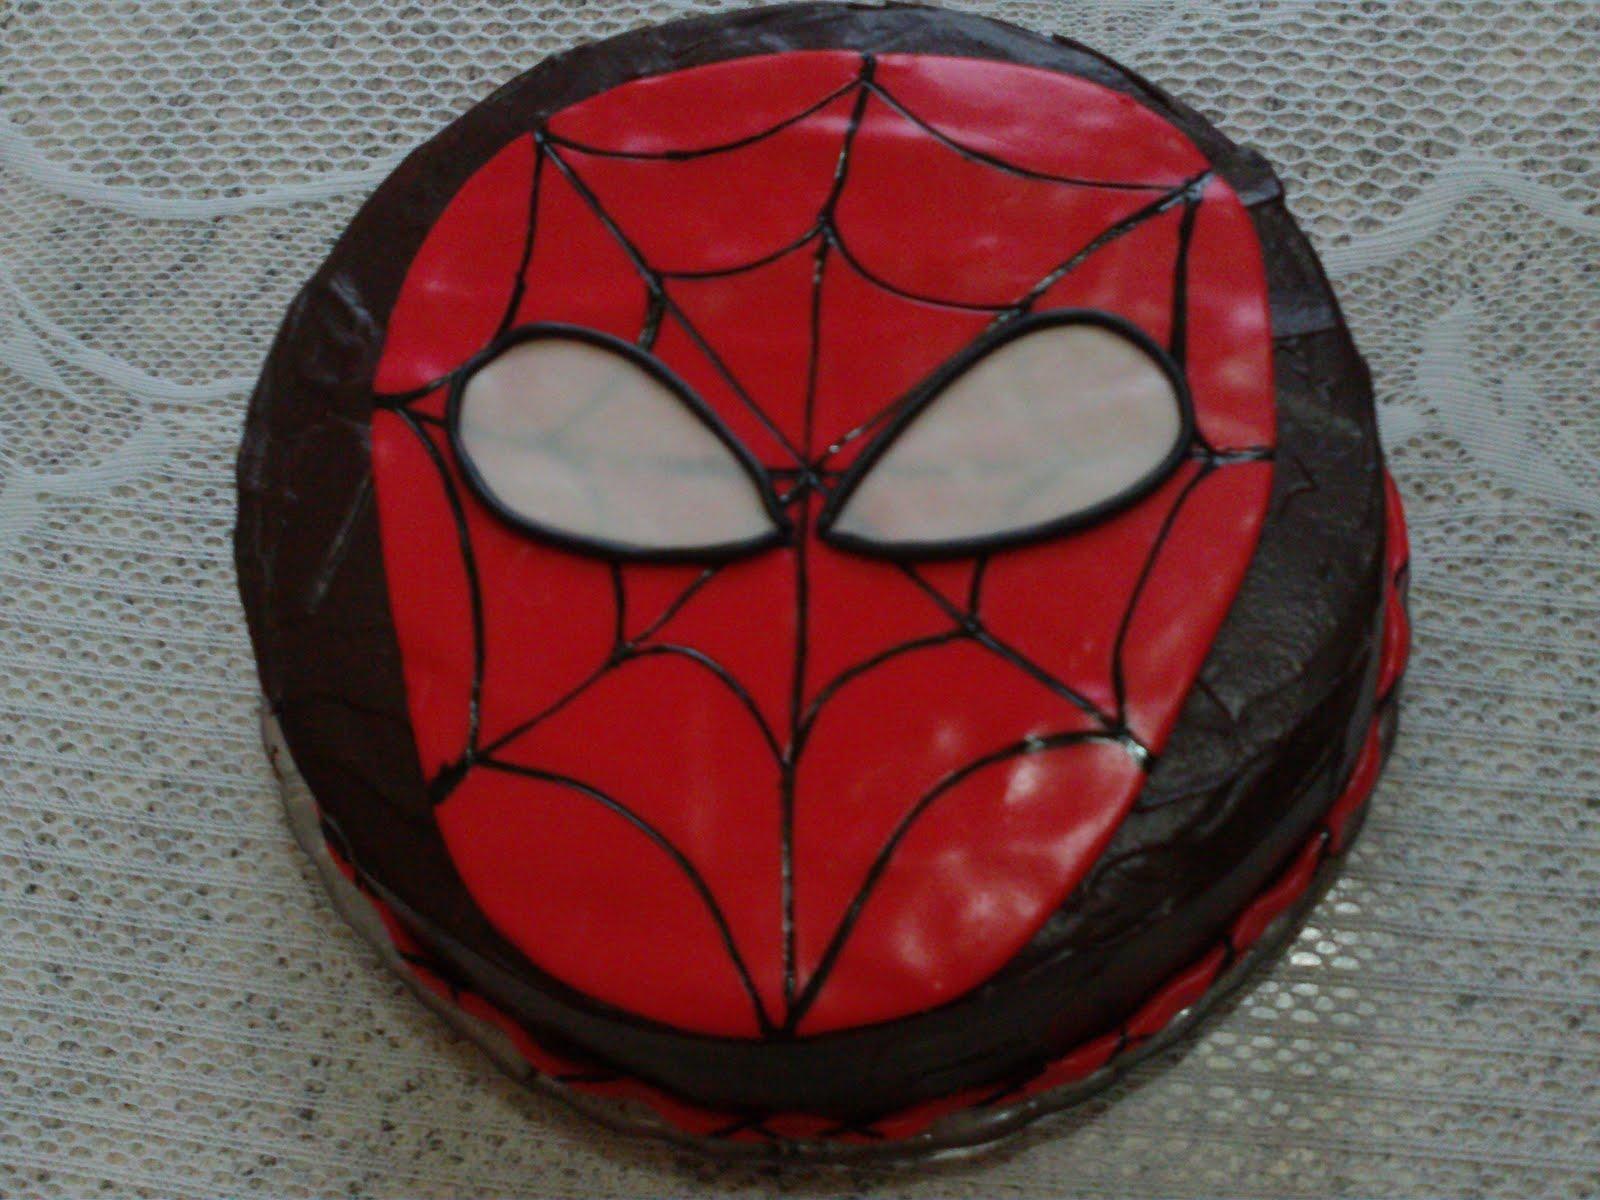 Doce imaginao bolo homem aranha simples bolo homem aranha simples altavistaventures Image collections